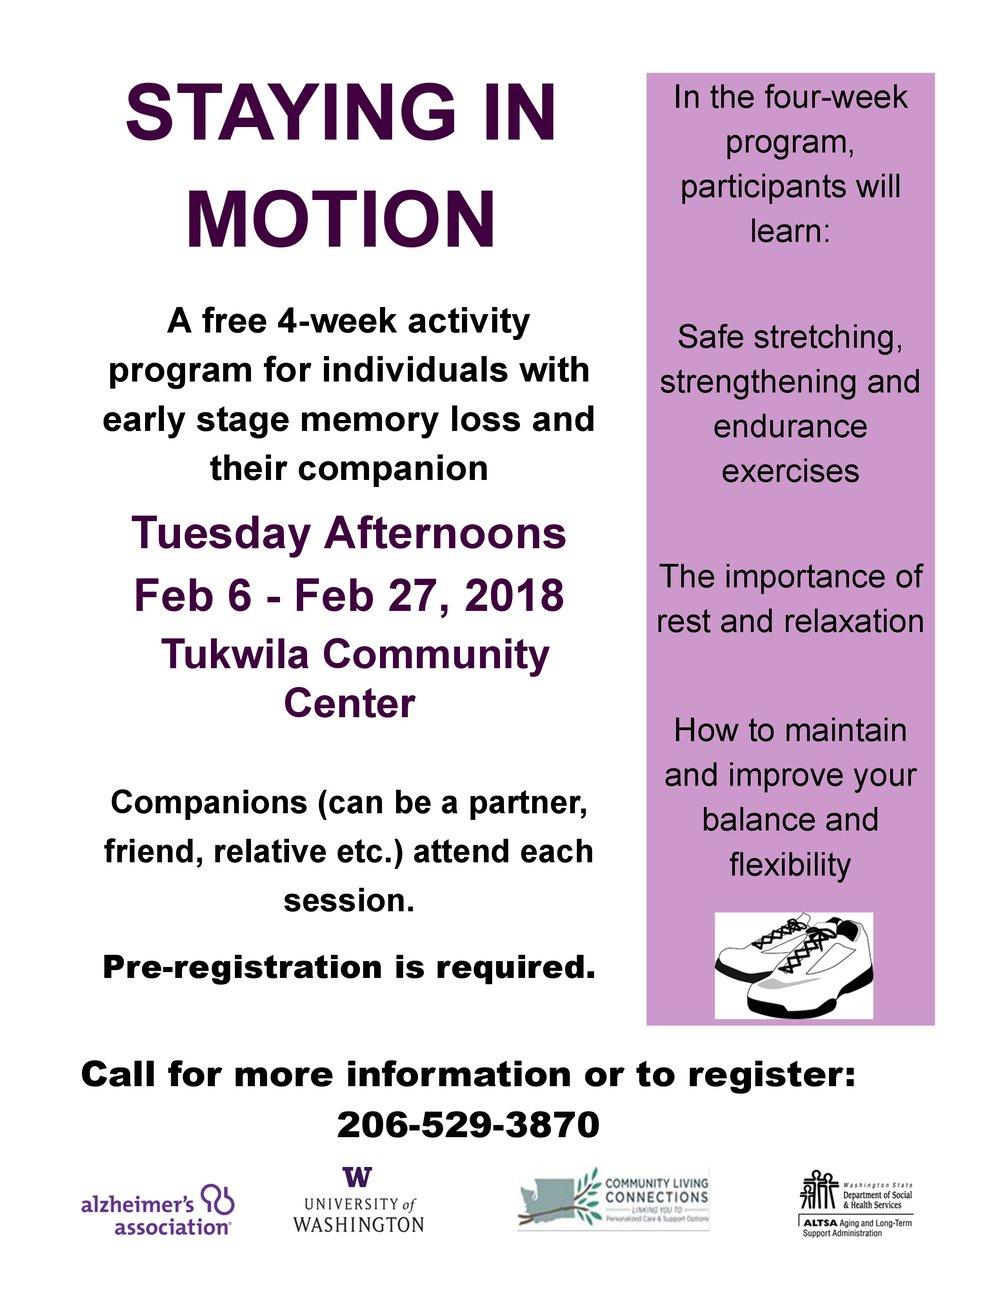 tukwila CC - Feb-page-0.jpg